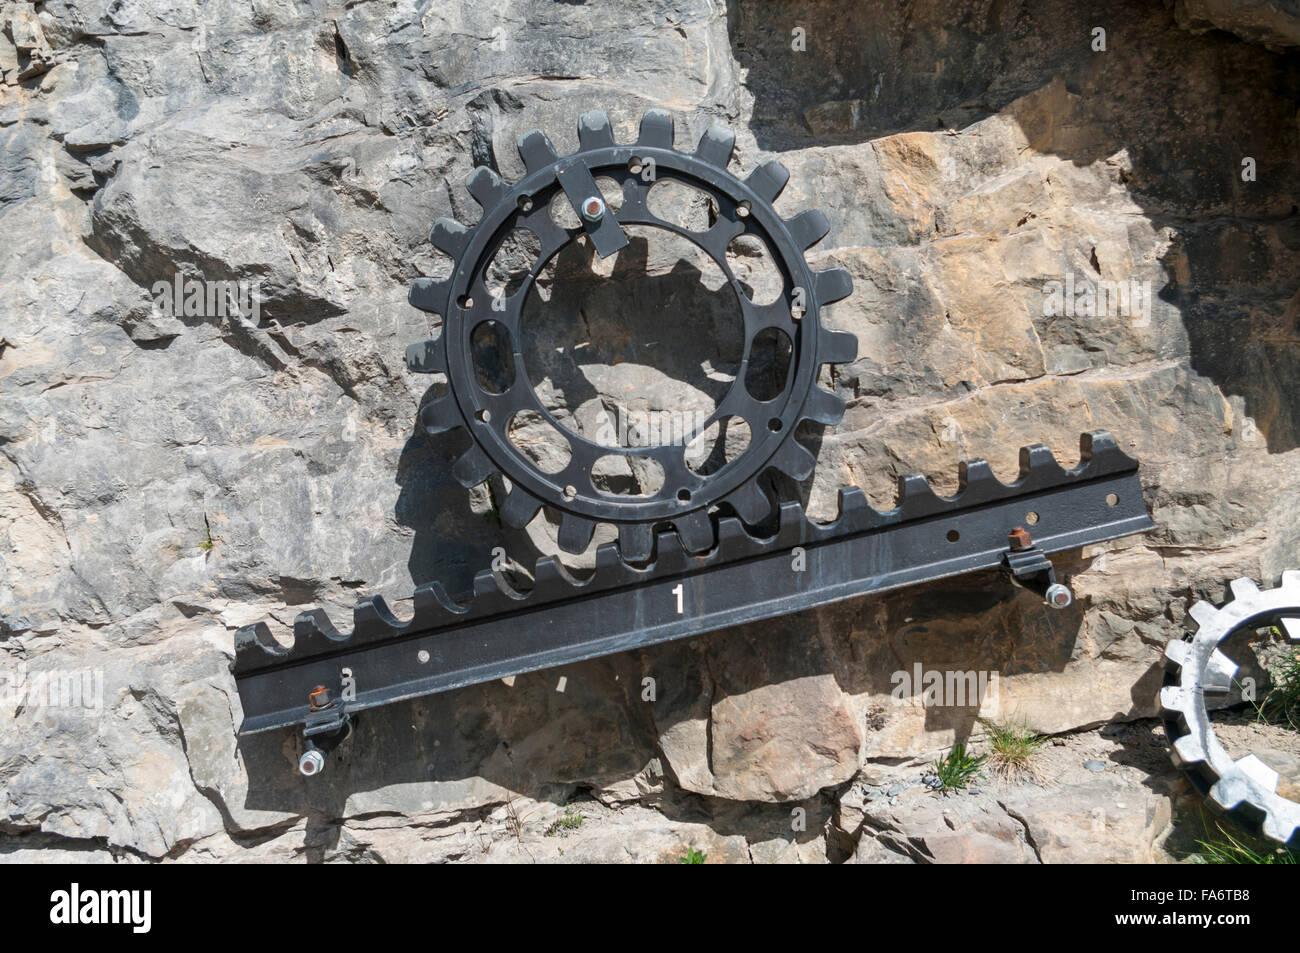 https www alamyimages fr photo image l article de la cremaillere systeme strub et pignon comme utilise sur beaucoup de fer a cremaillere invente par l ingenieur suisse emil strub 92349244 html